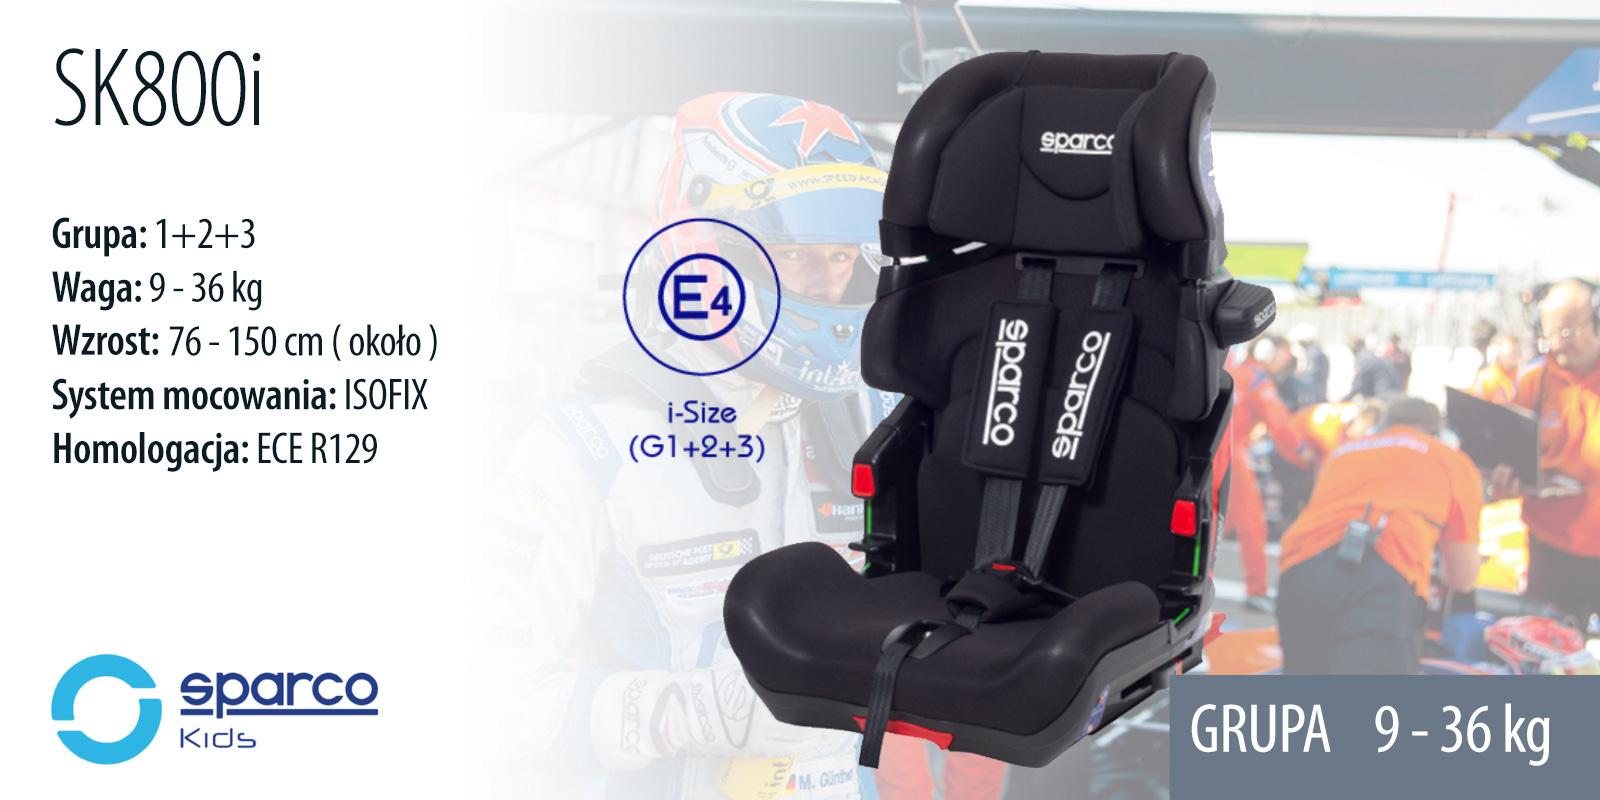 fotelik dla dziecka SPARCO SK800i